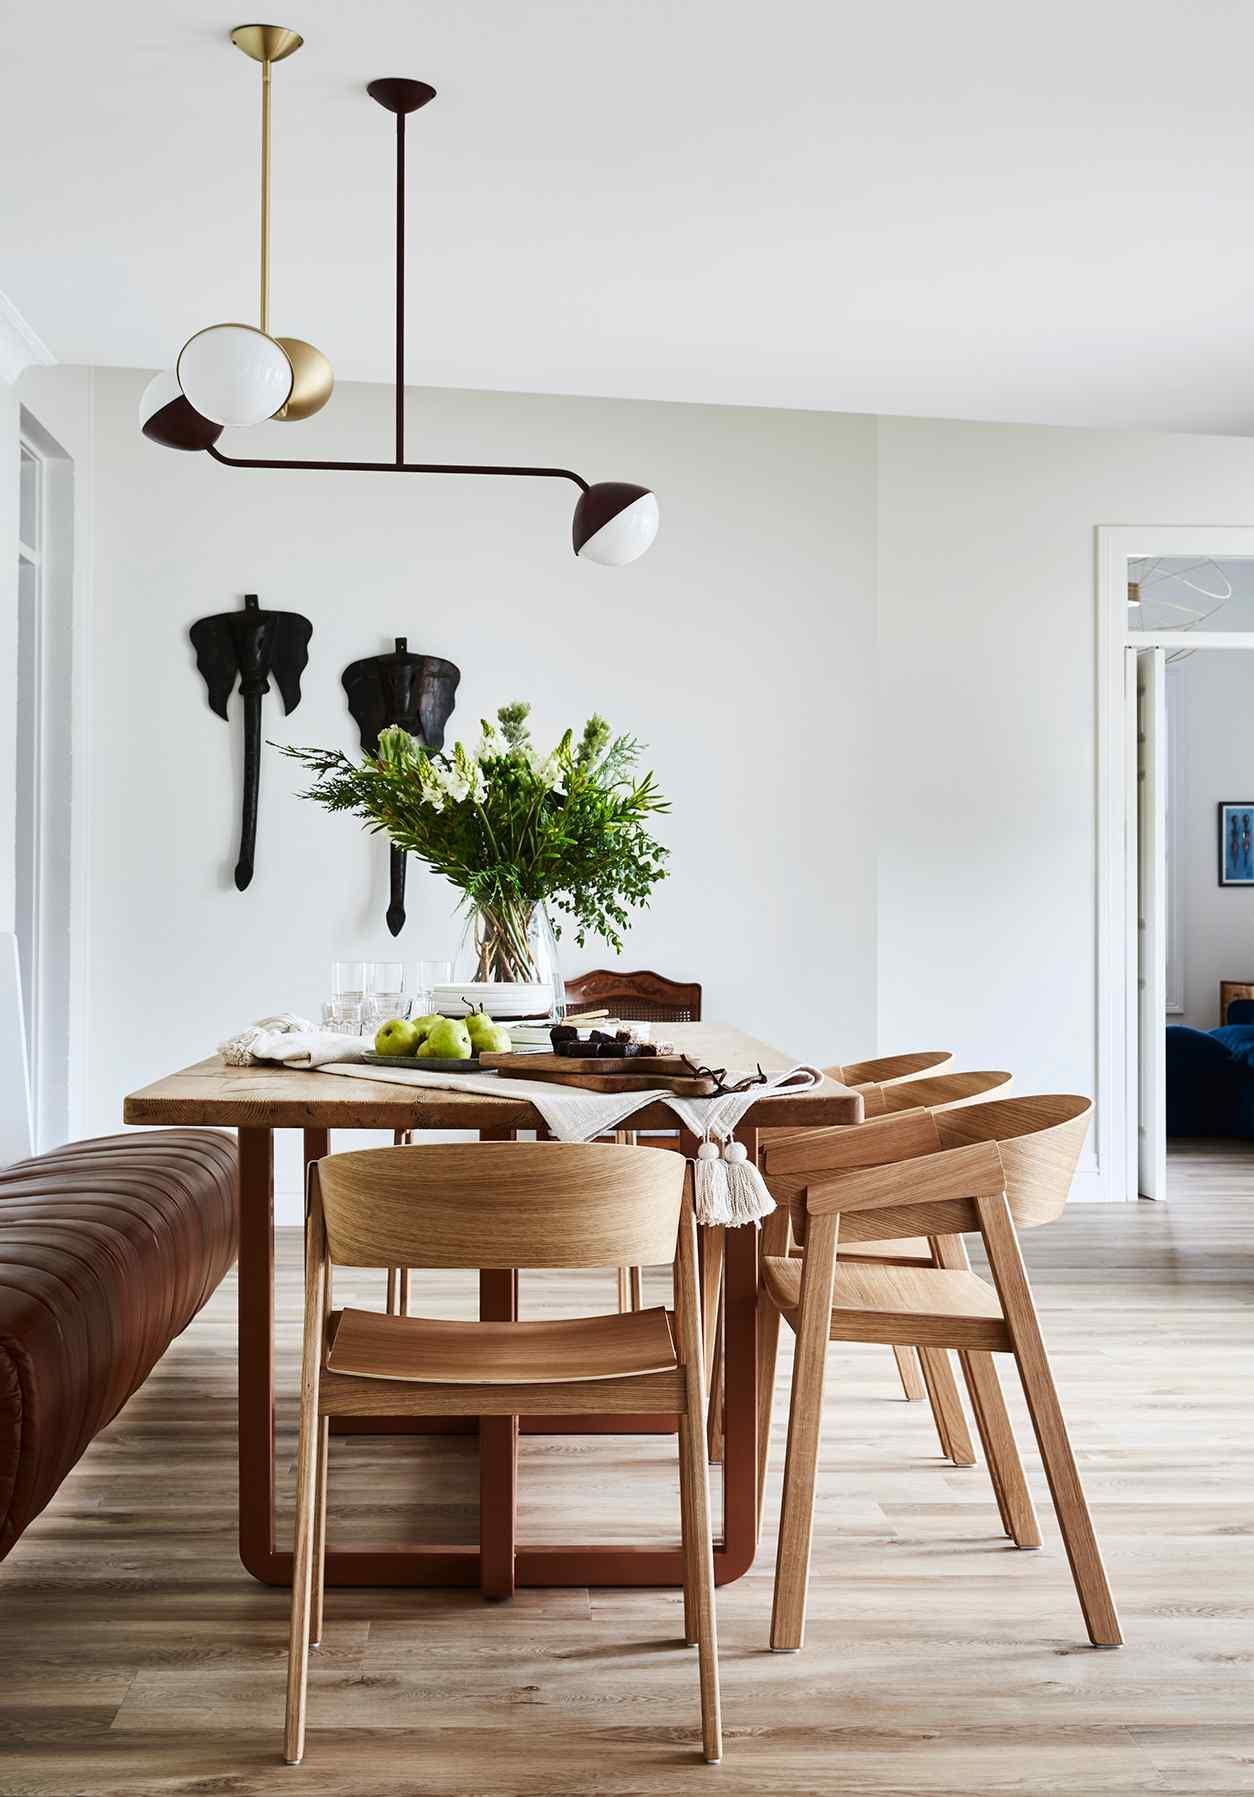 Nadčasová jídelna s dizajnovými židlemi